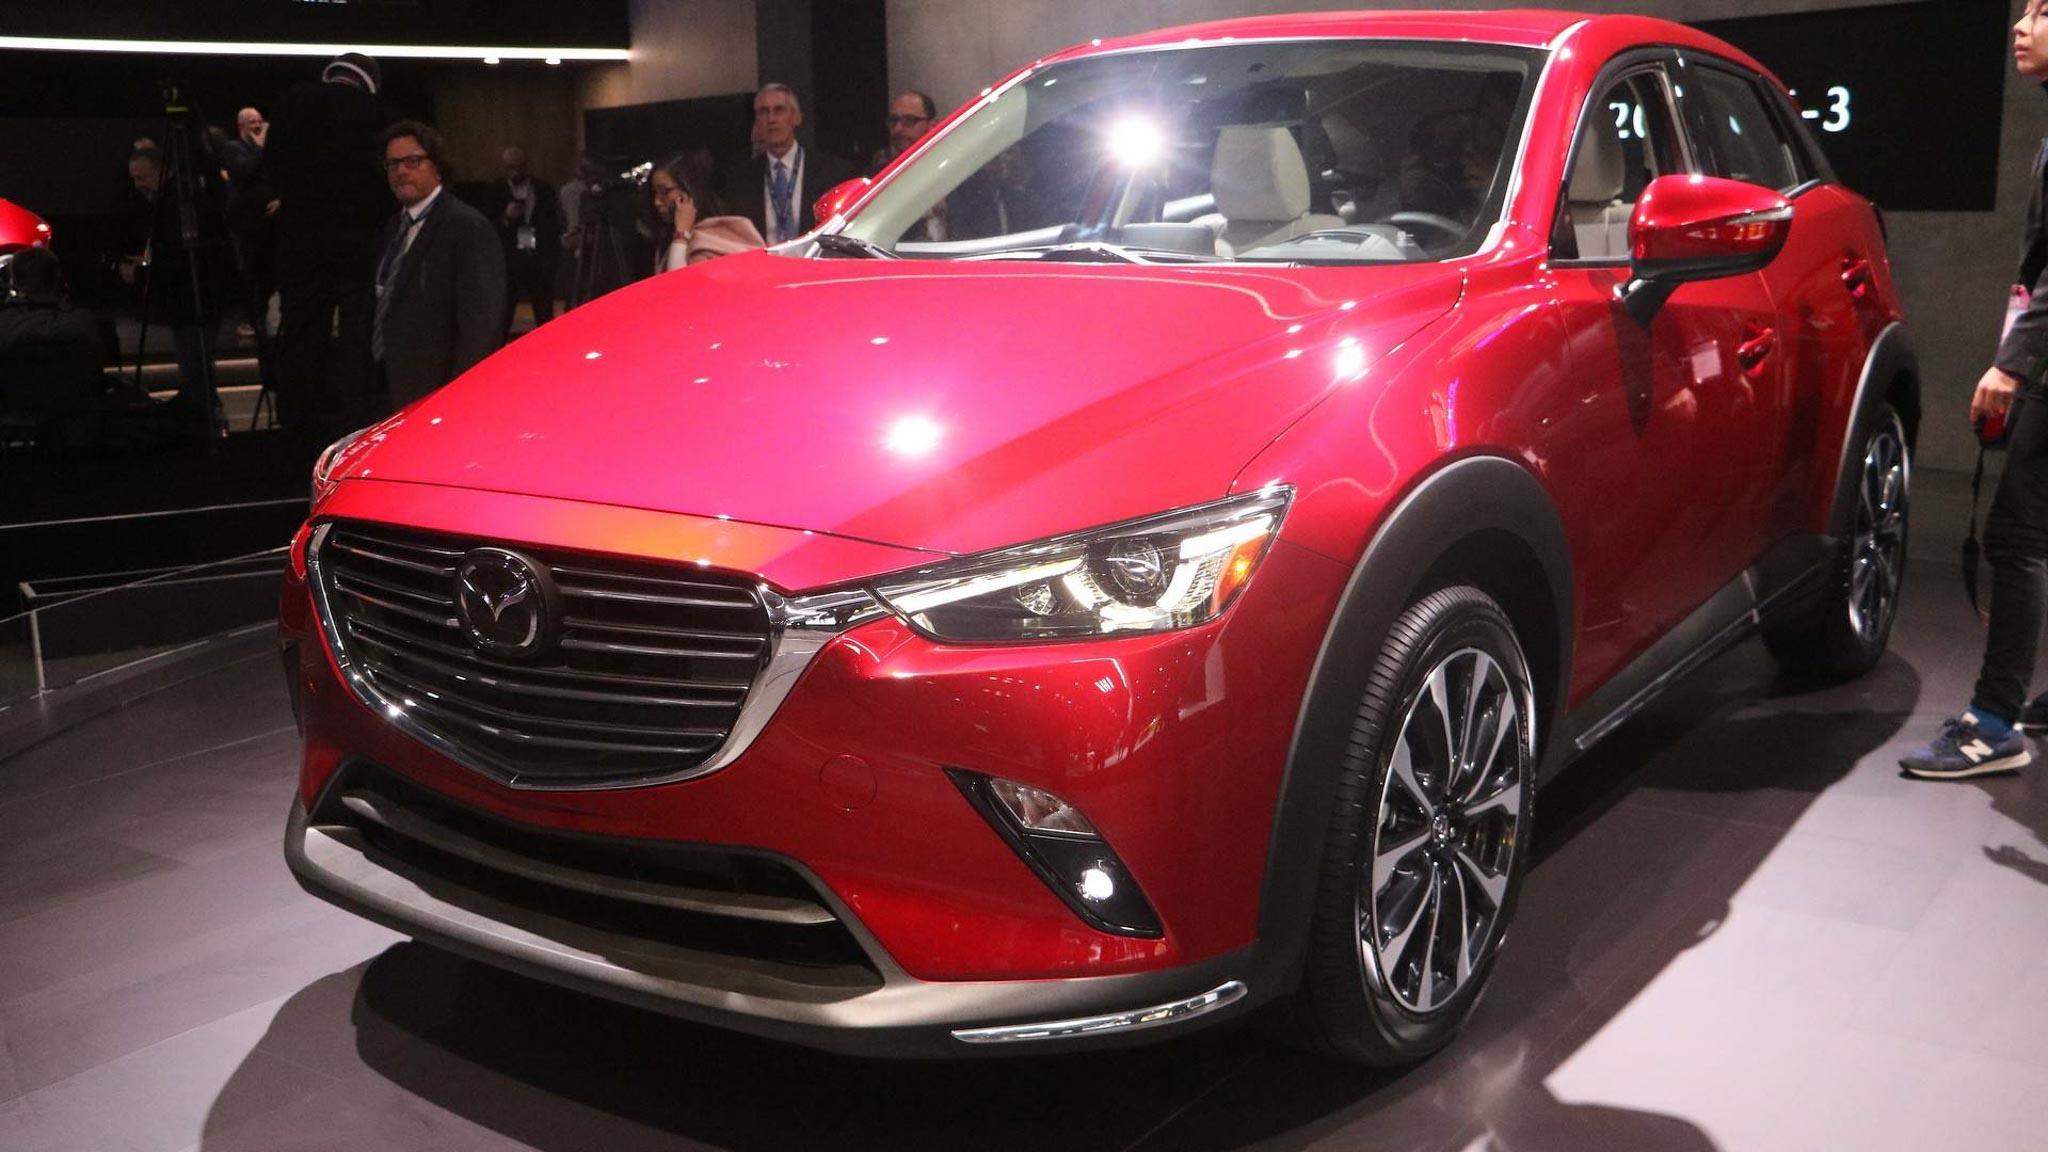 Thị trường xe - Xem trước Mazda CX-3 2019: 'Kẻ ngáng đường' Ford Ecosport (Hình 5).